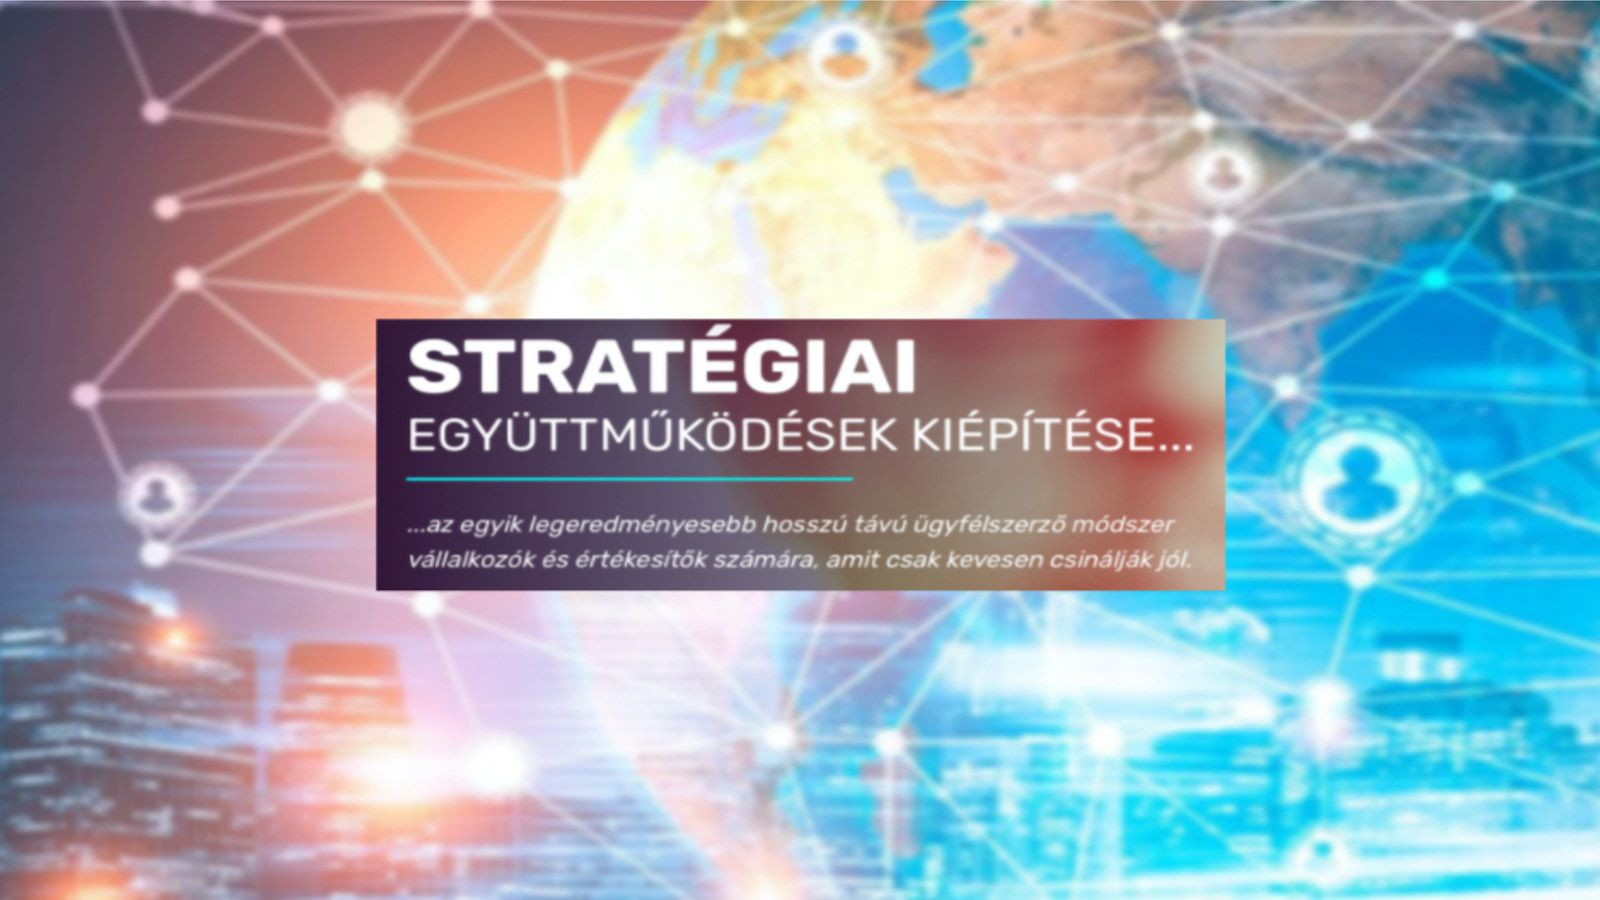 Stratégiai Együttműködés tréning